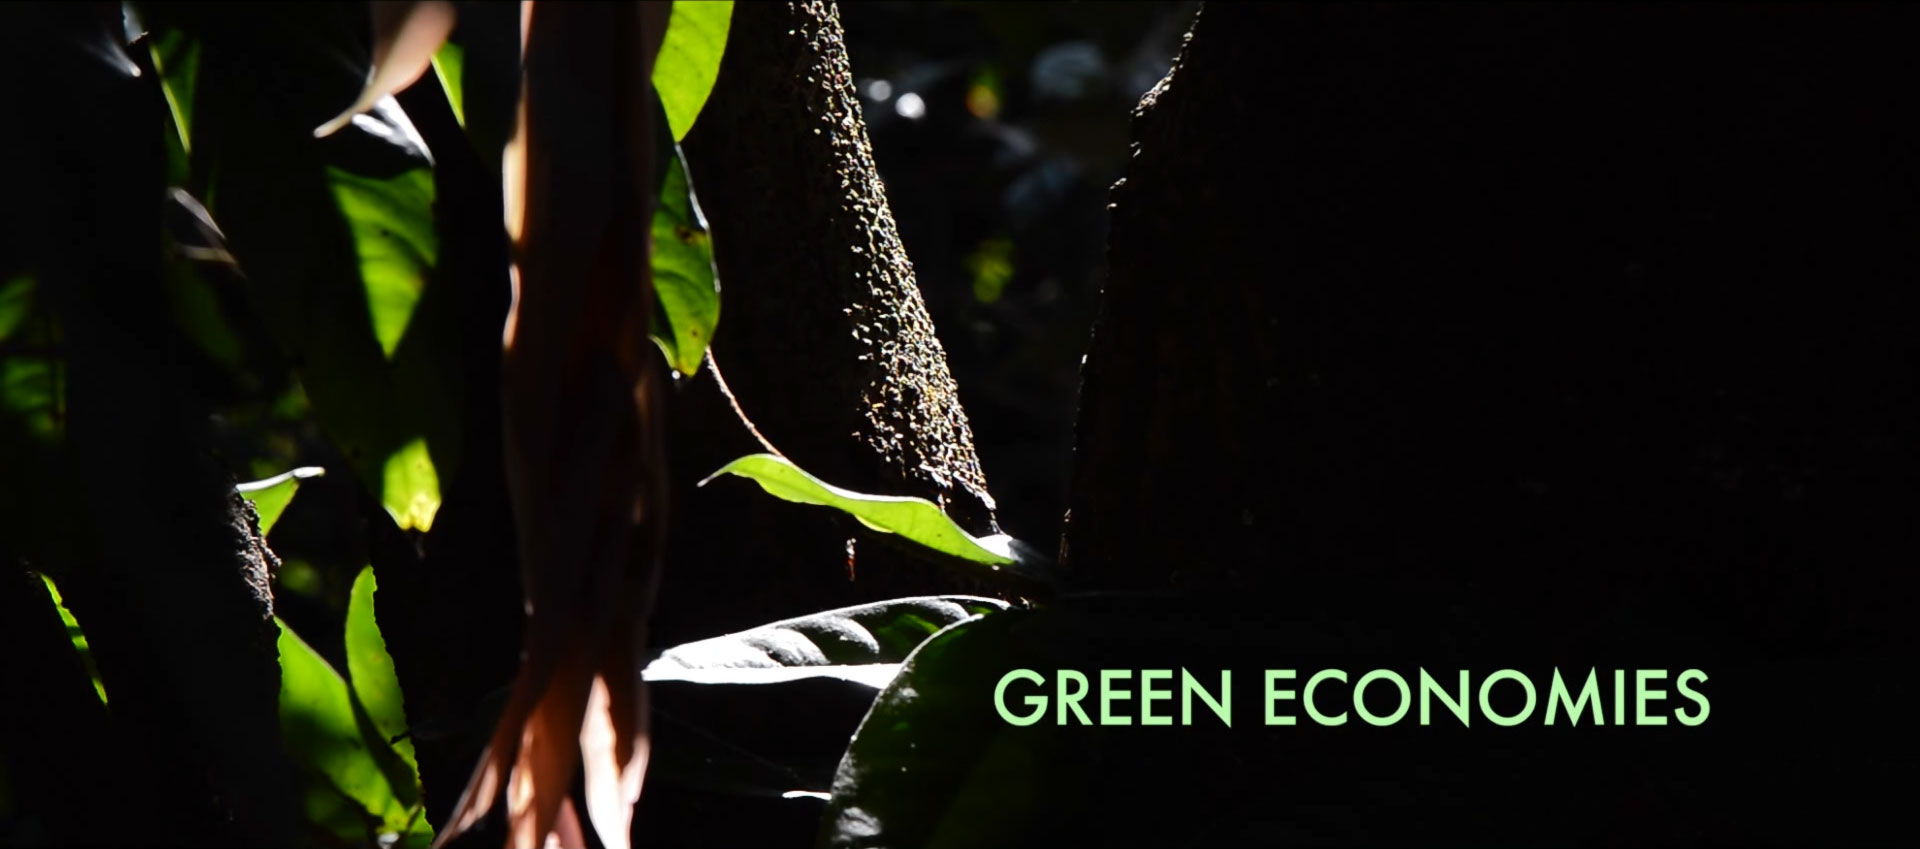 Green Economies